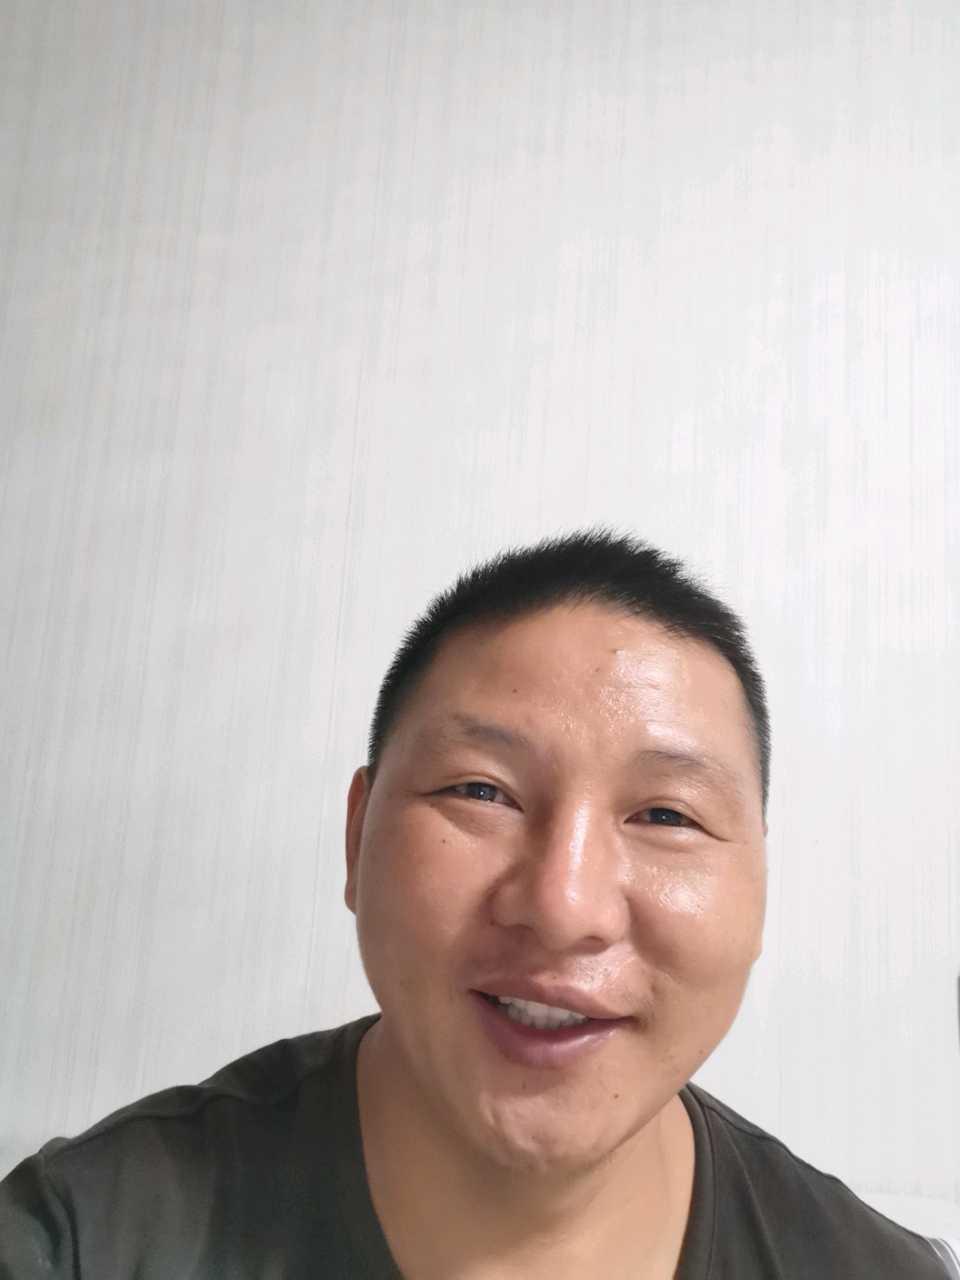 长顺县,福泉,都匀静电地板维修刘师傅